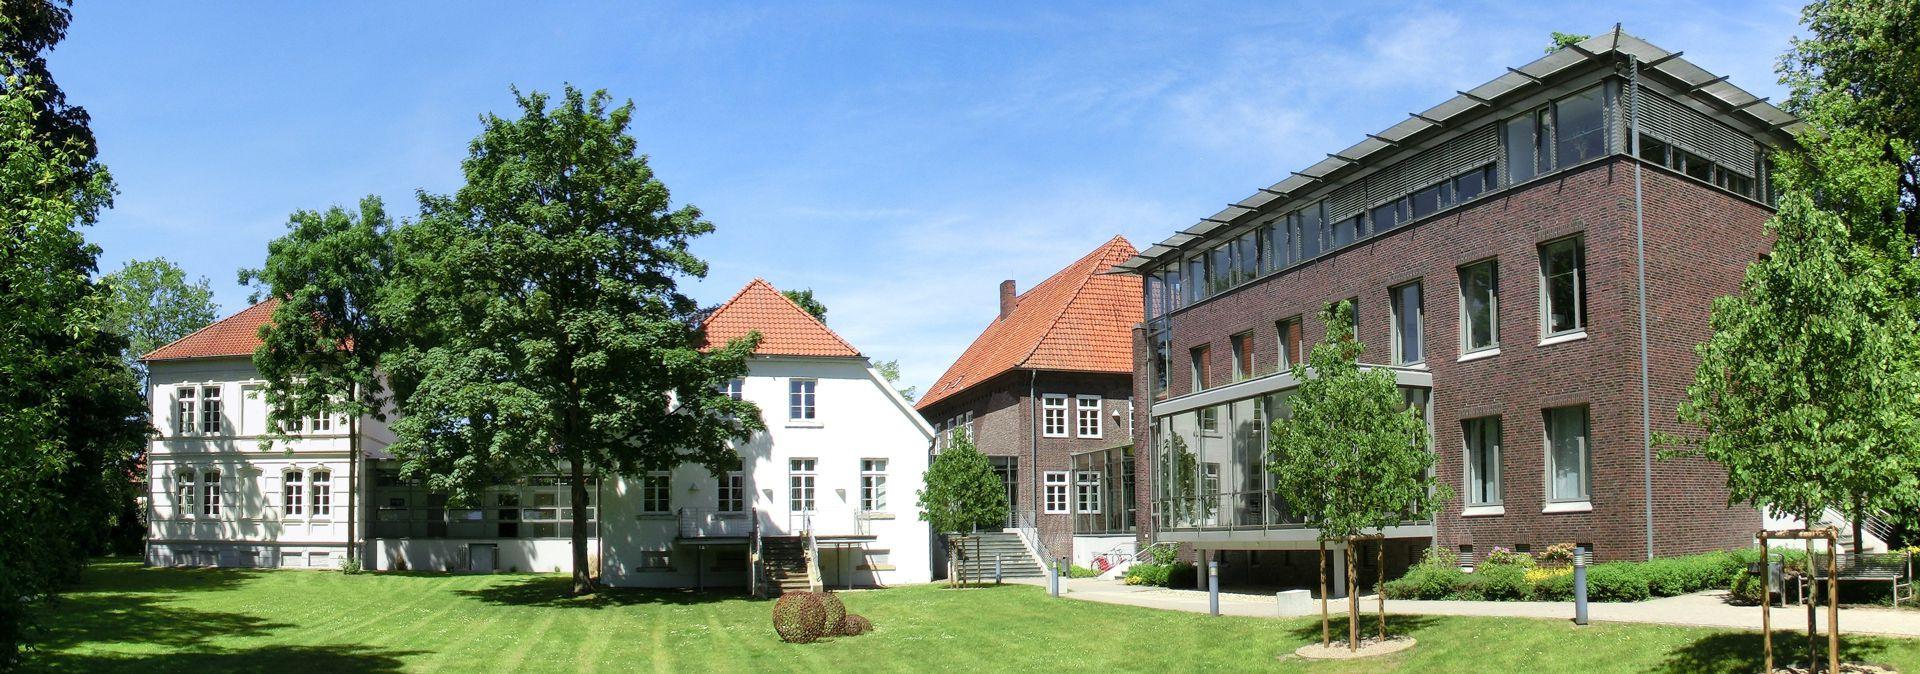 Stadt Friesoythe Sommer